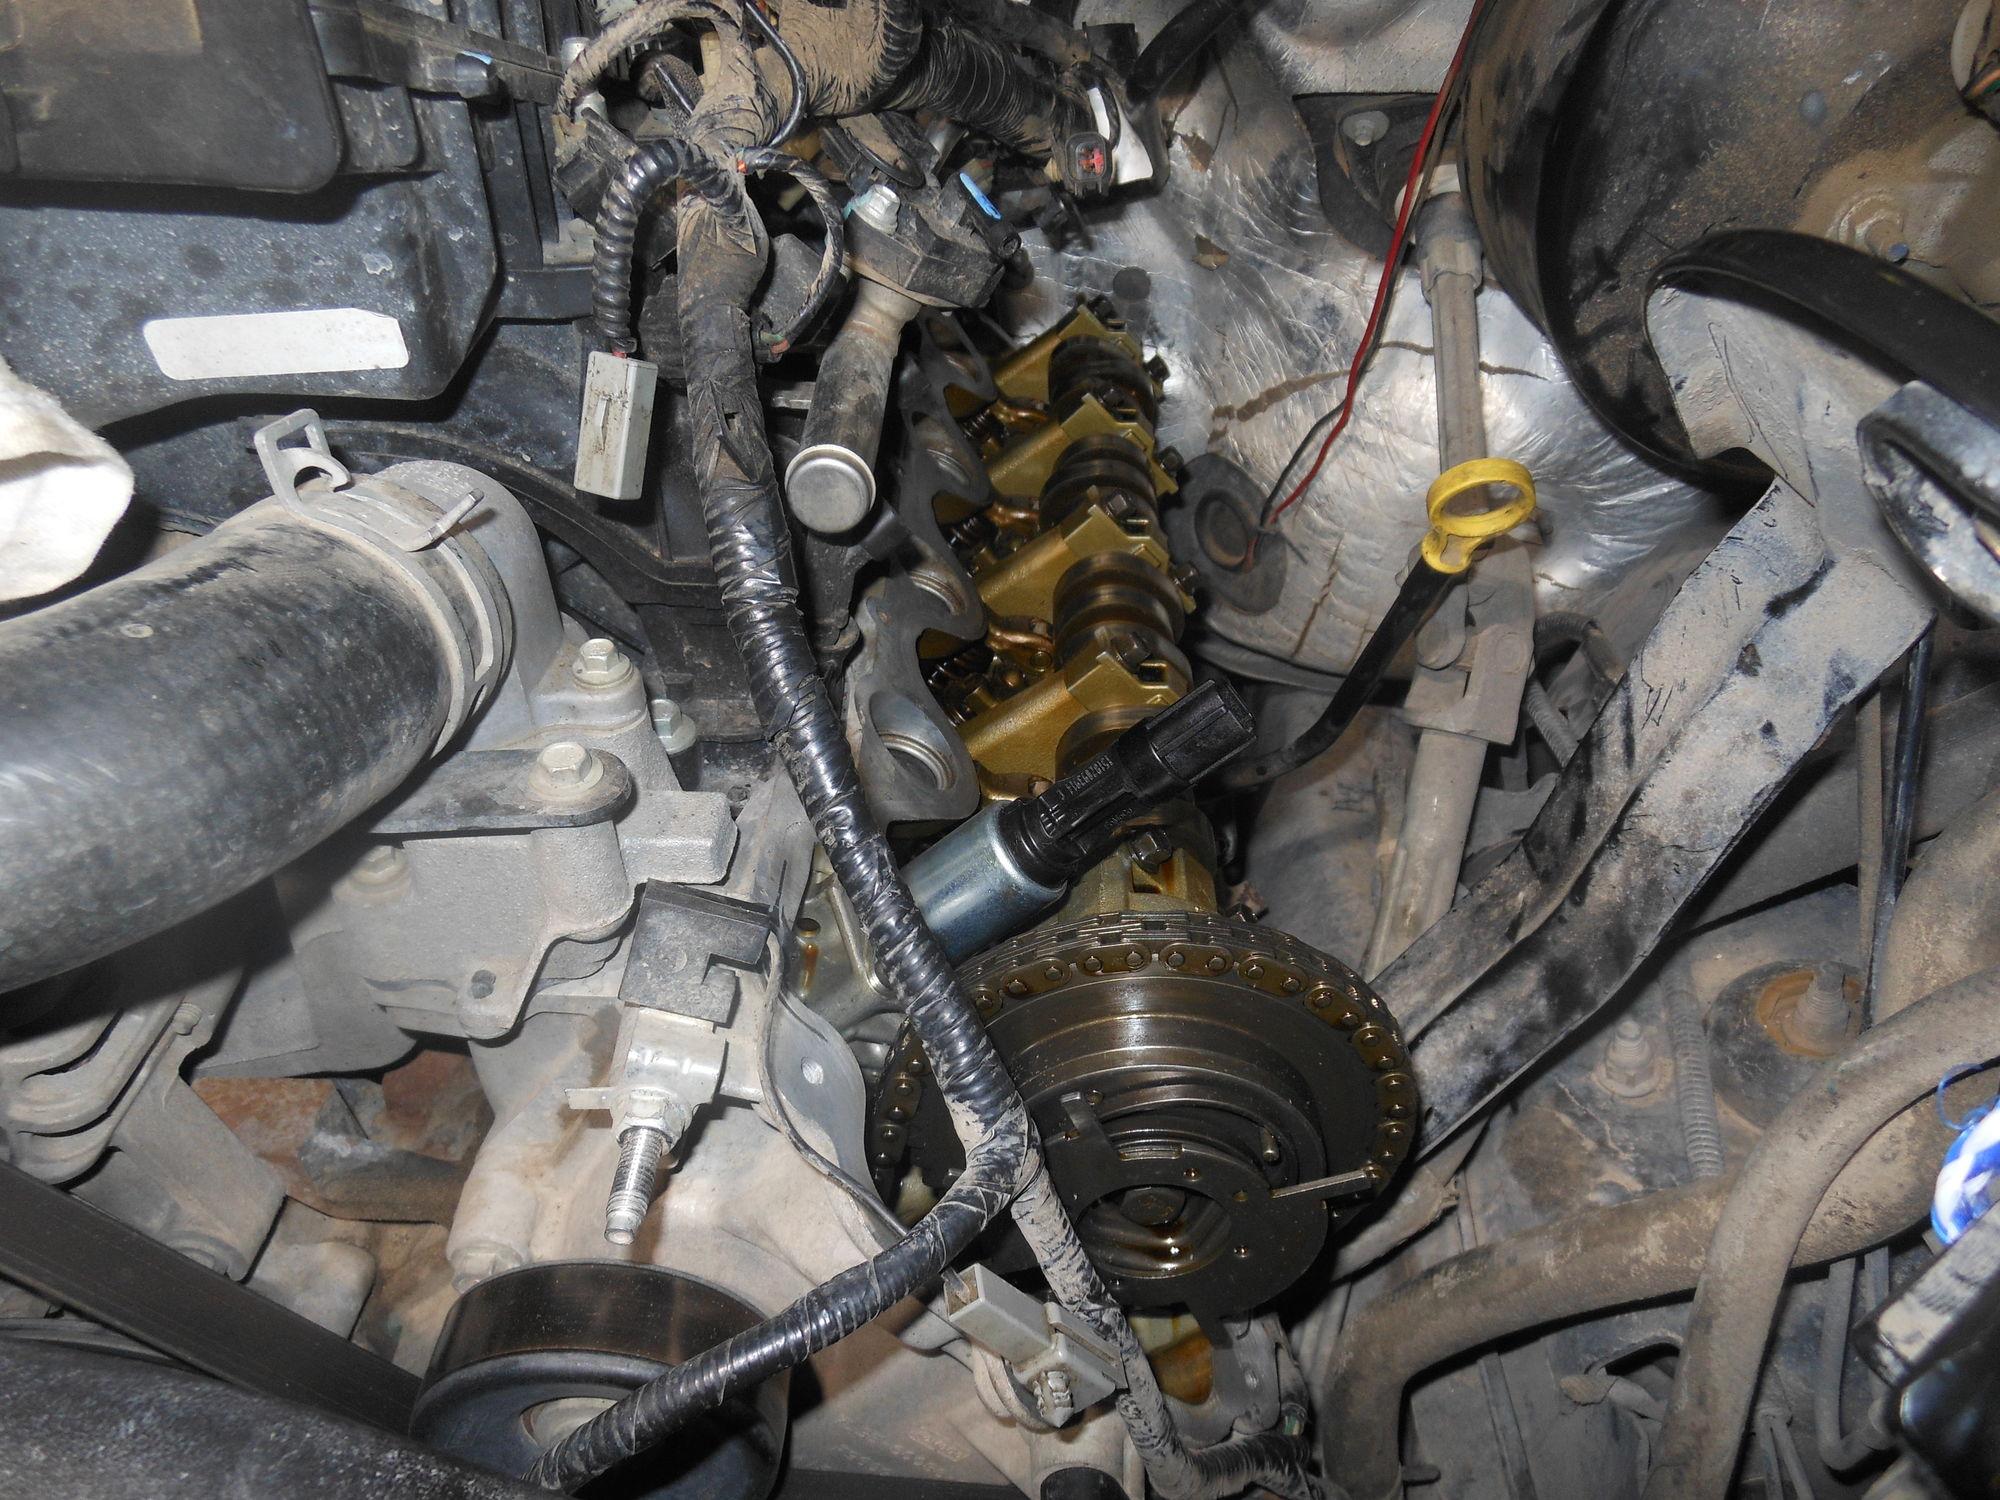 2007 Ford F150 Lariat 5 4l Triton Misfire Issues 116 000